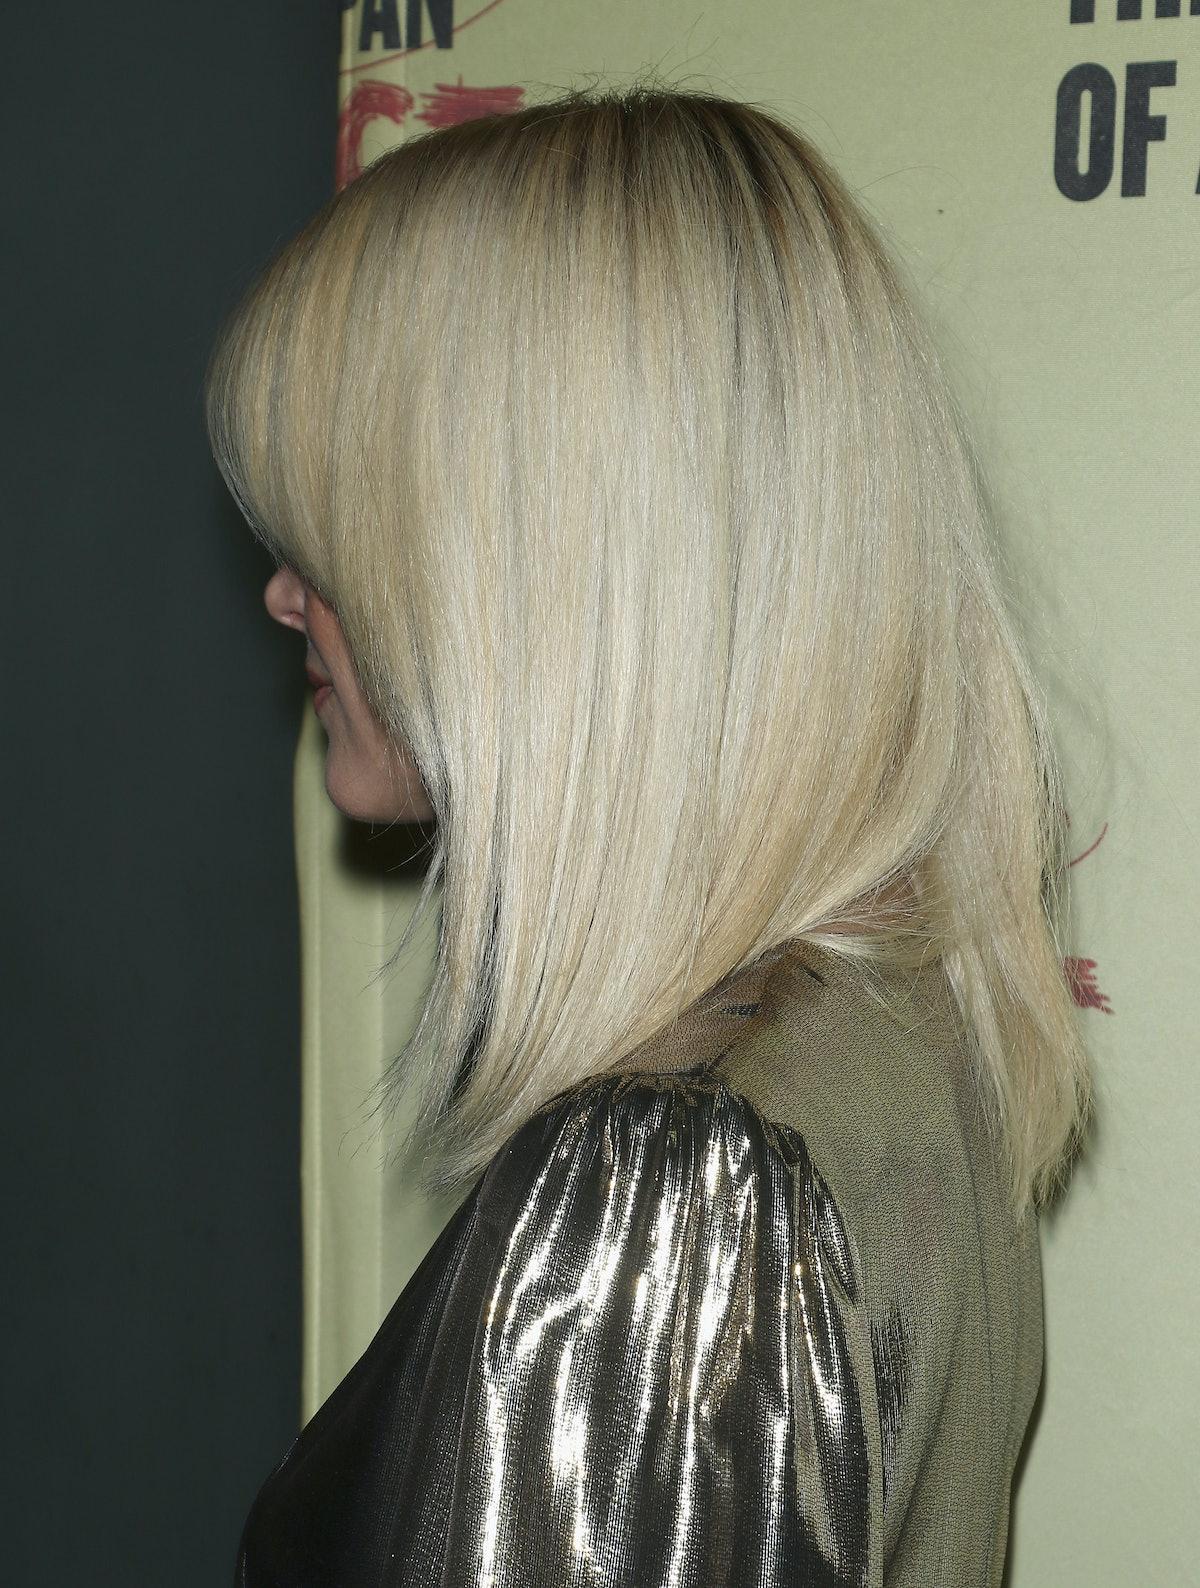 rose byrne hair 2